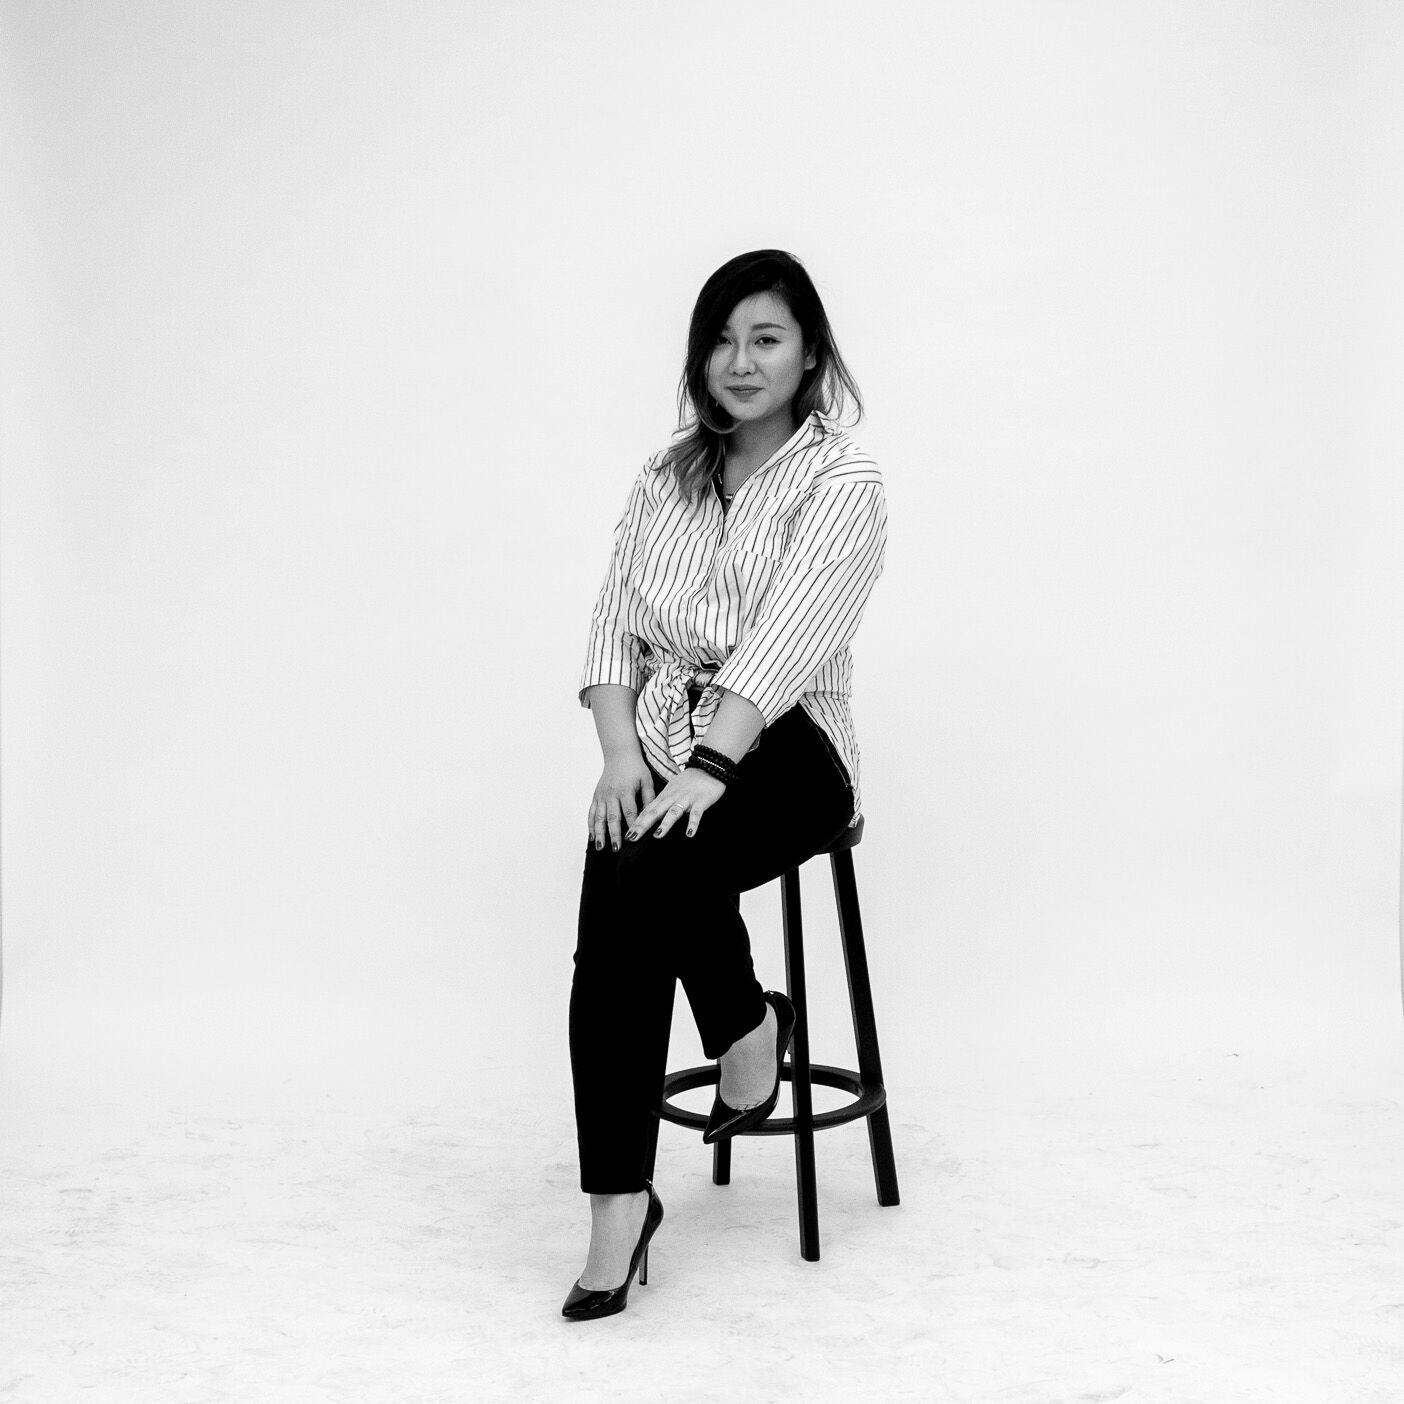 Xiao Yi (Aiki) Chen